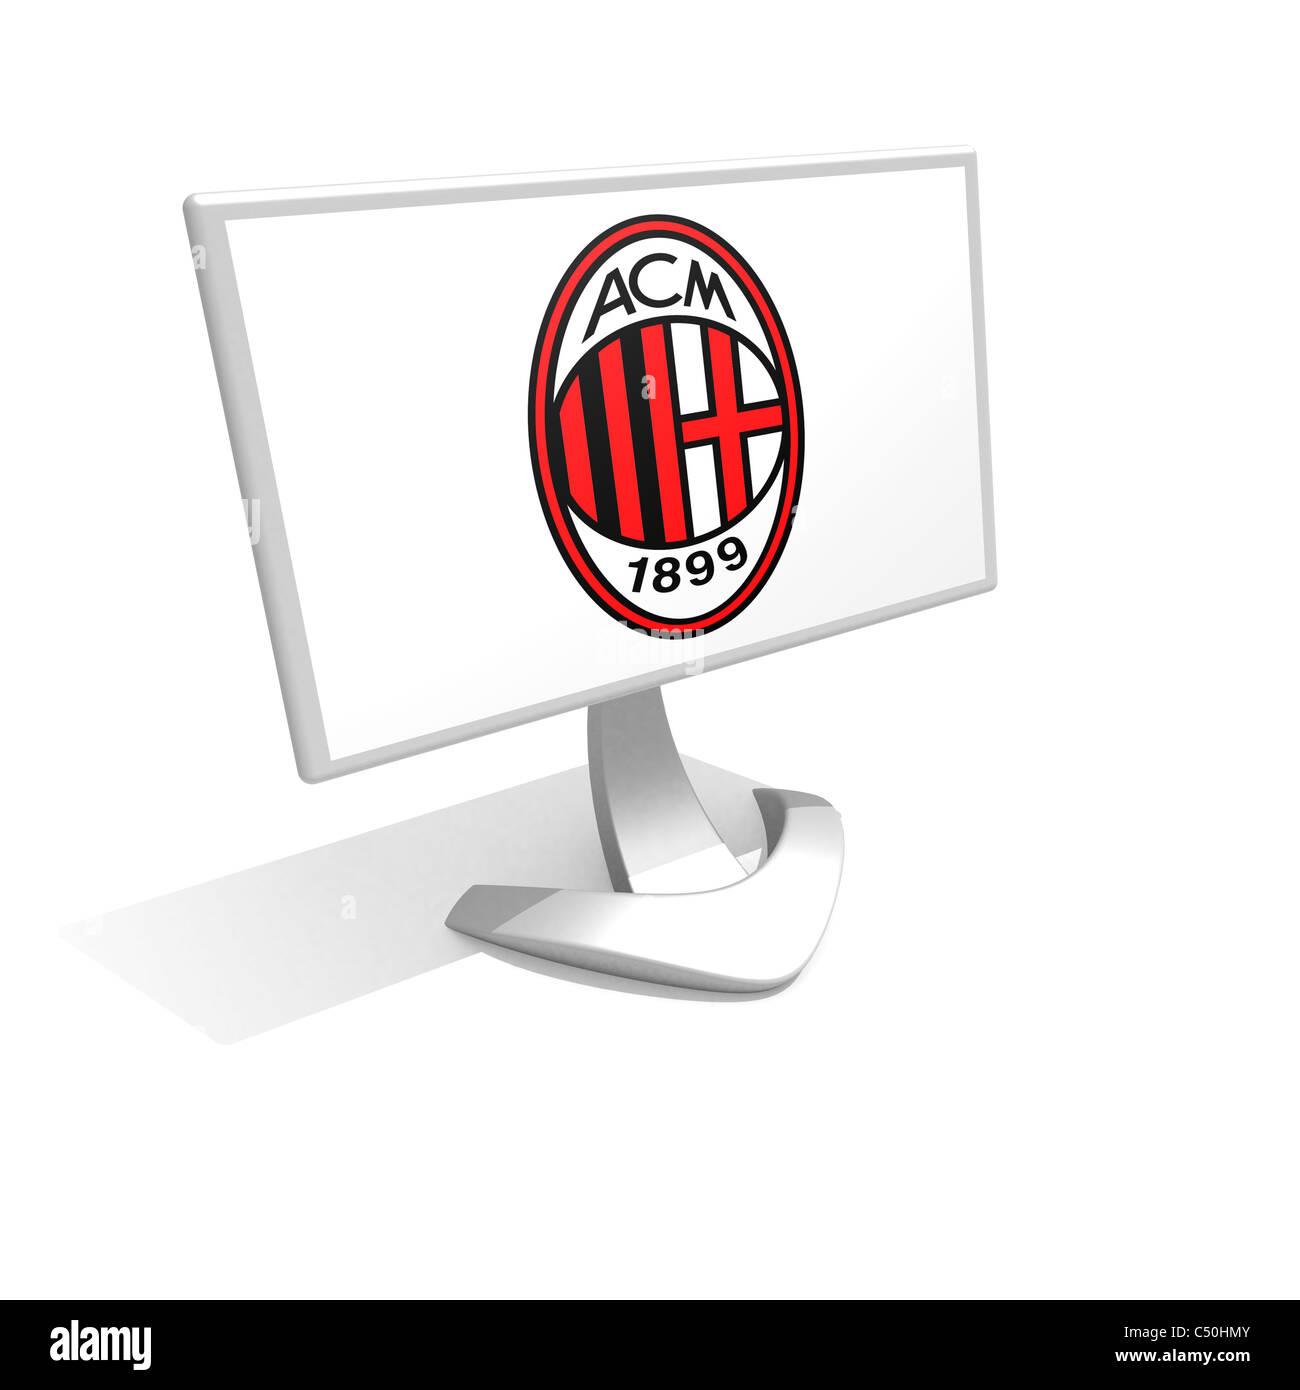 AC A.C. Milan logo flag symbol icon Stock Photo: 37507931 - Alamy